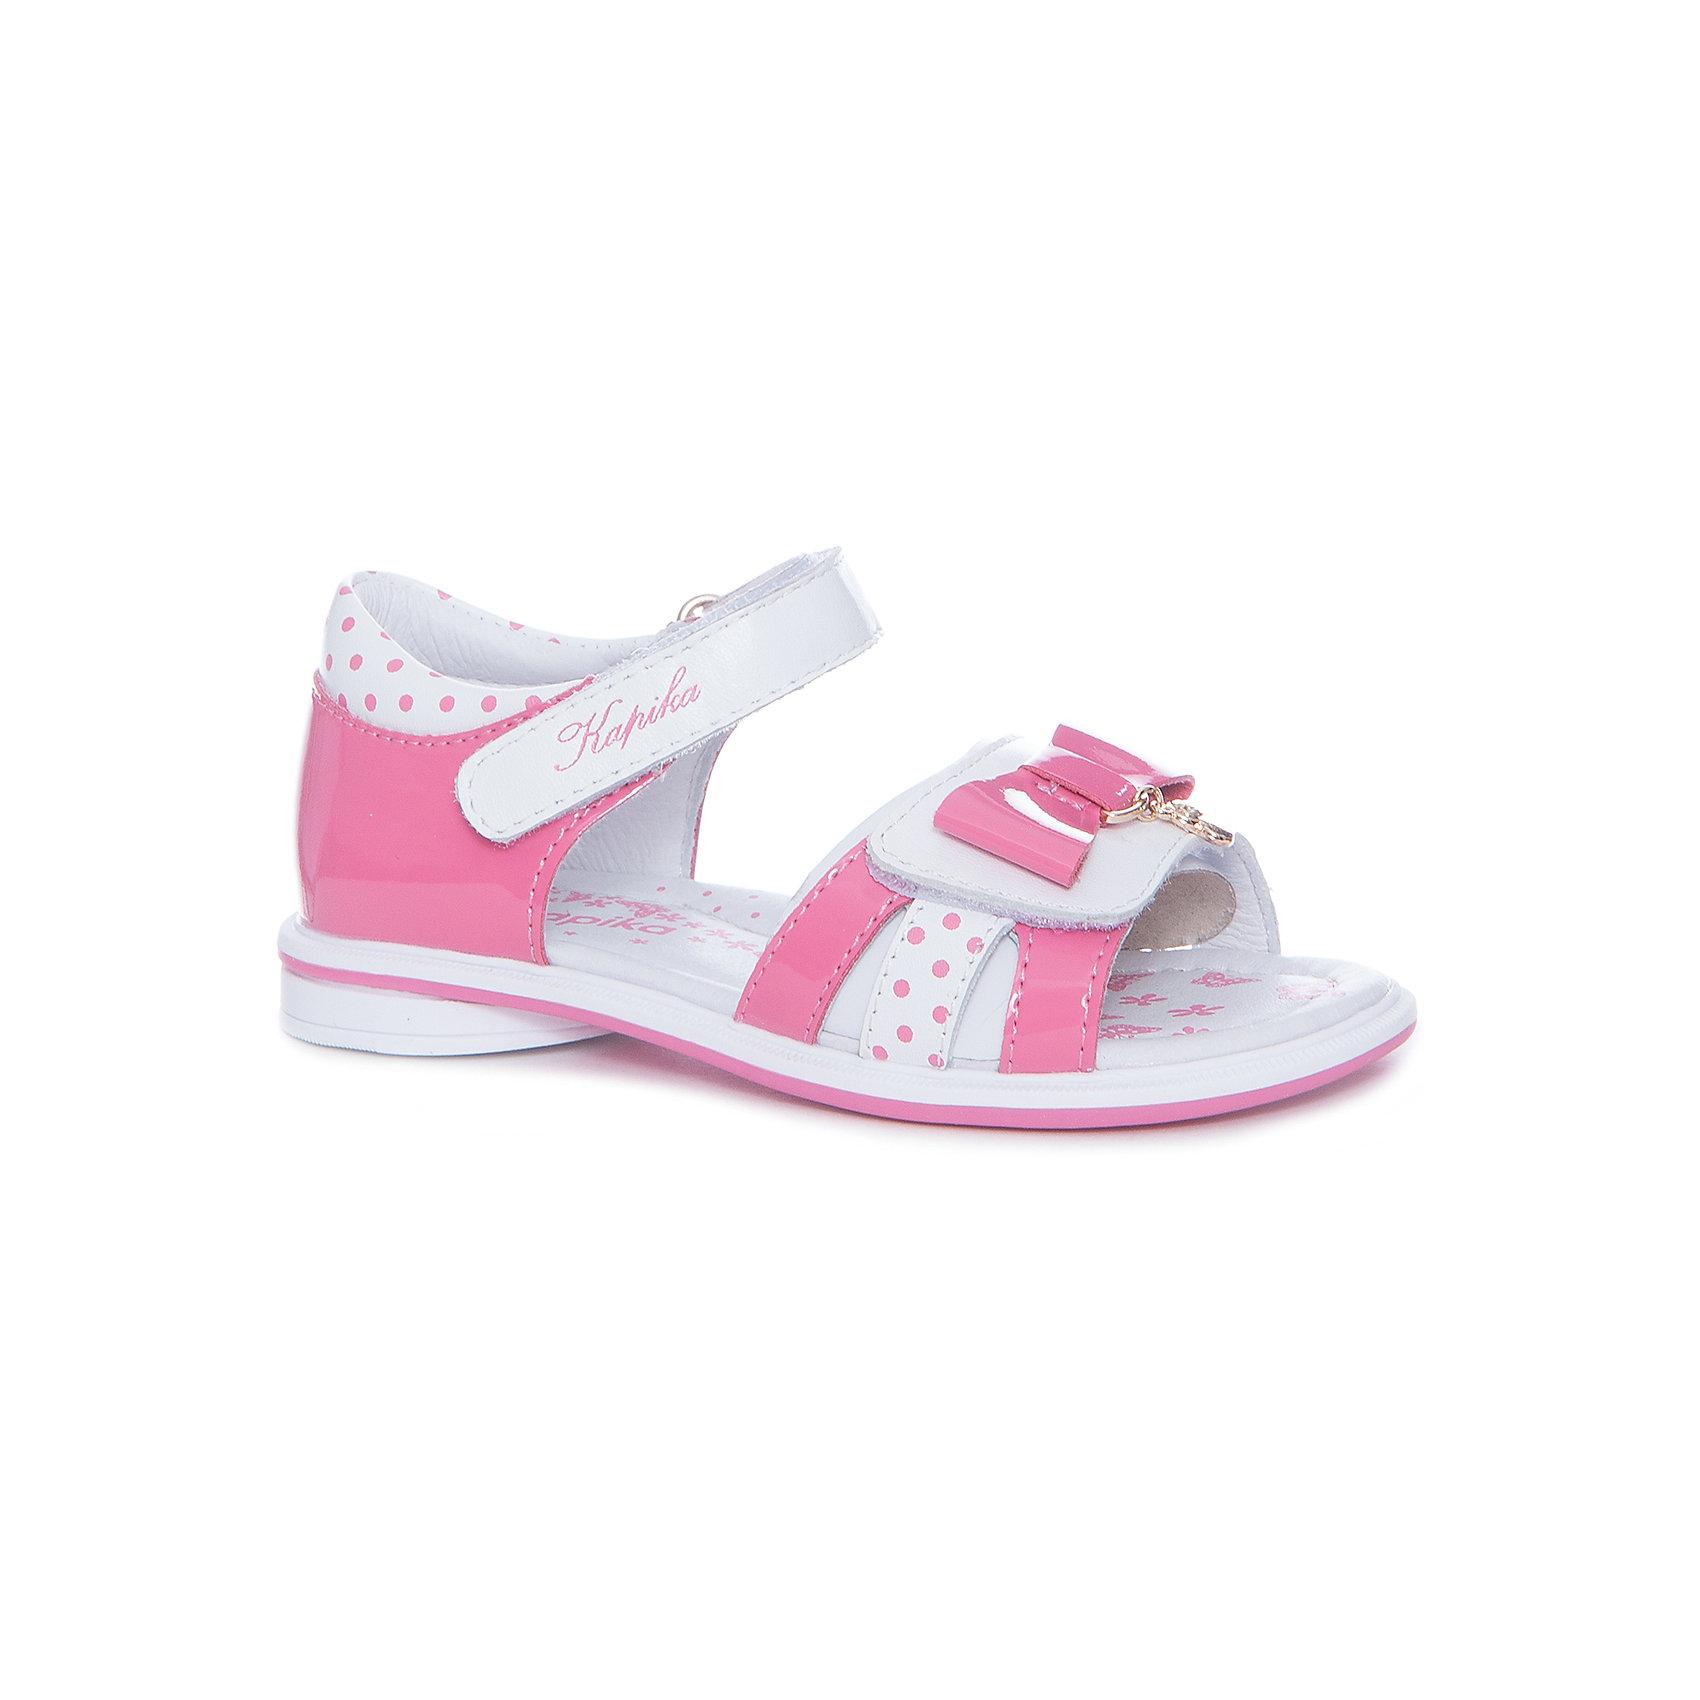 Босоножки для девочки KAPIKA, розовыйСандалии<br>Характеристики товара:<br><br>• цвет: розовый, белый<br>• тип обуви: анатомическая<br>• внешний материал обуви: натуральная кожа<br>• внутренний материал: натуральная кожа<br>• стелька: натуральная кожа<br>• подошва: ТЭП<br>• с открытым мысом<br>• тип застежки: на липучке<br>• сезон: лето<br>• страна бренда: Россия<br>• страна изготовитель: Китай<br><br>Босоножки с открытым мысом для девочки от российского бренда Kapika (Капика) можно купить в нашем интернет-магазине.<br><br>Ширина мм: 227<br>Глубина мм: 145<br>Высота мм: 124<br>Вес г: 325<br>Цвет: розовый/белый<br>Возраст от месяцев: 24<br>Возраст до месяцев: 24<br>Пол: Женский<br>Возраст: Детский<br>Размер: 25,29,26,27,28<br>SKU: 5323783